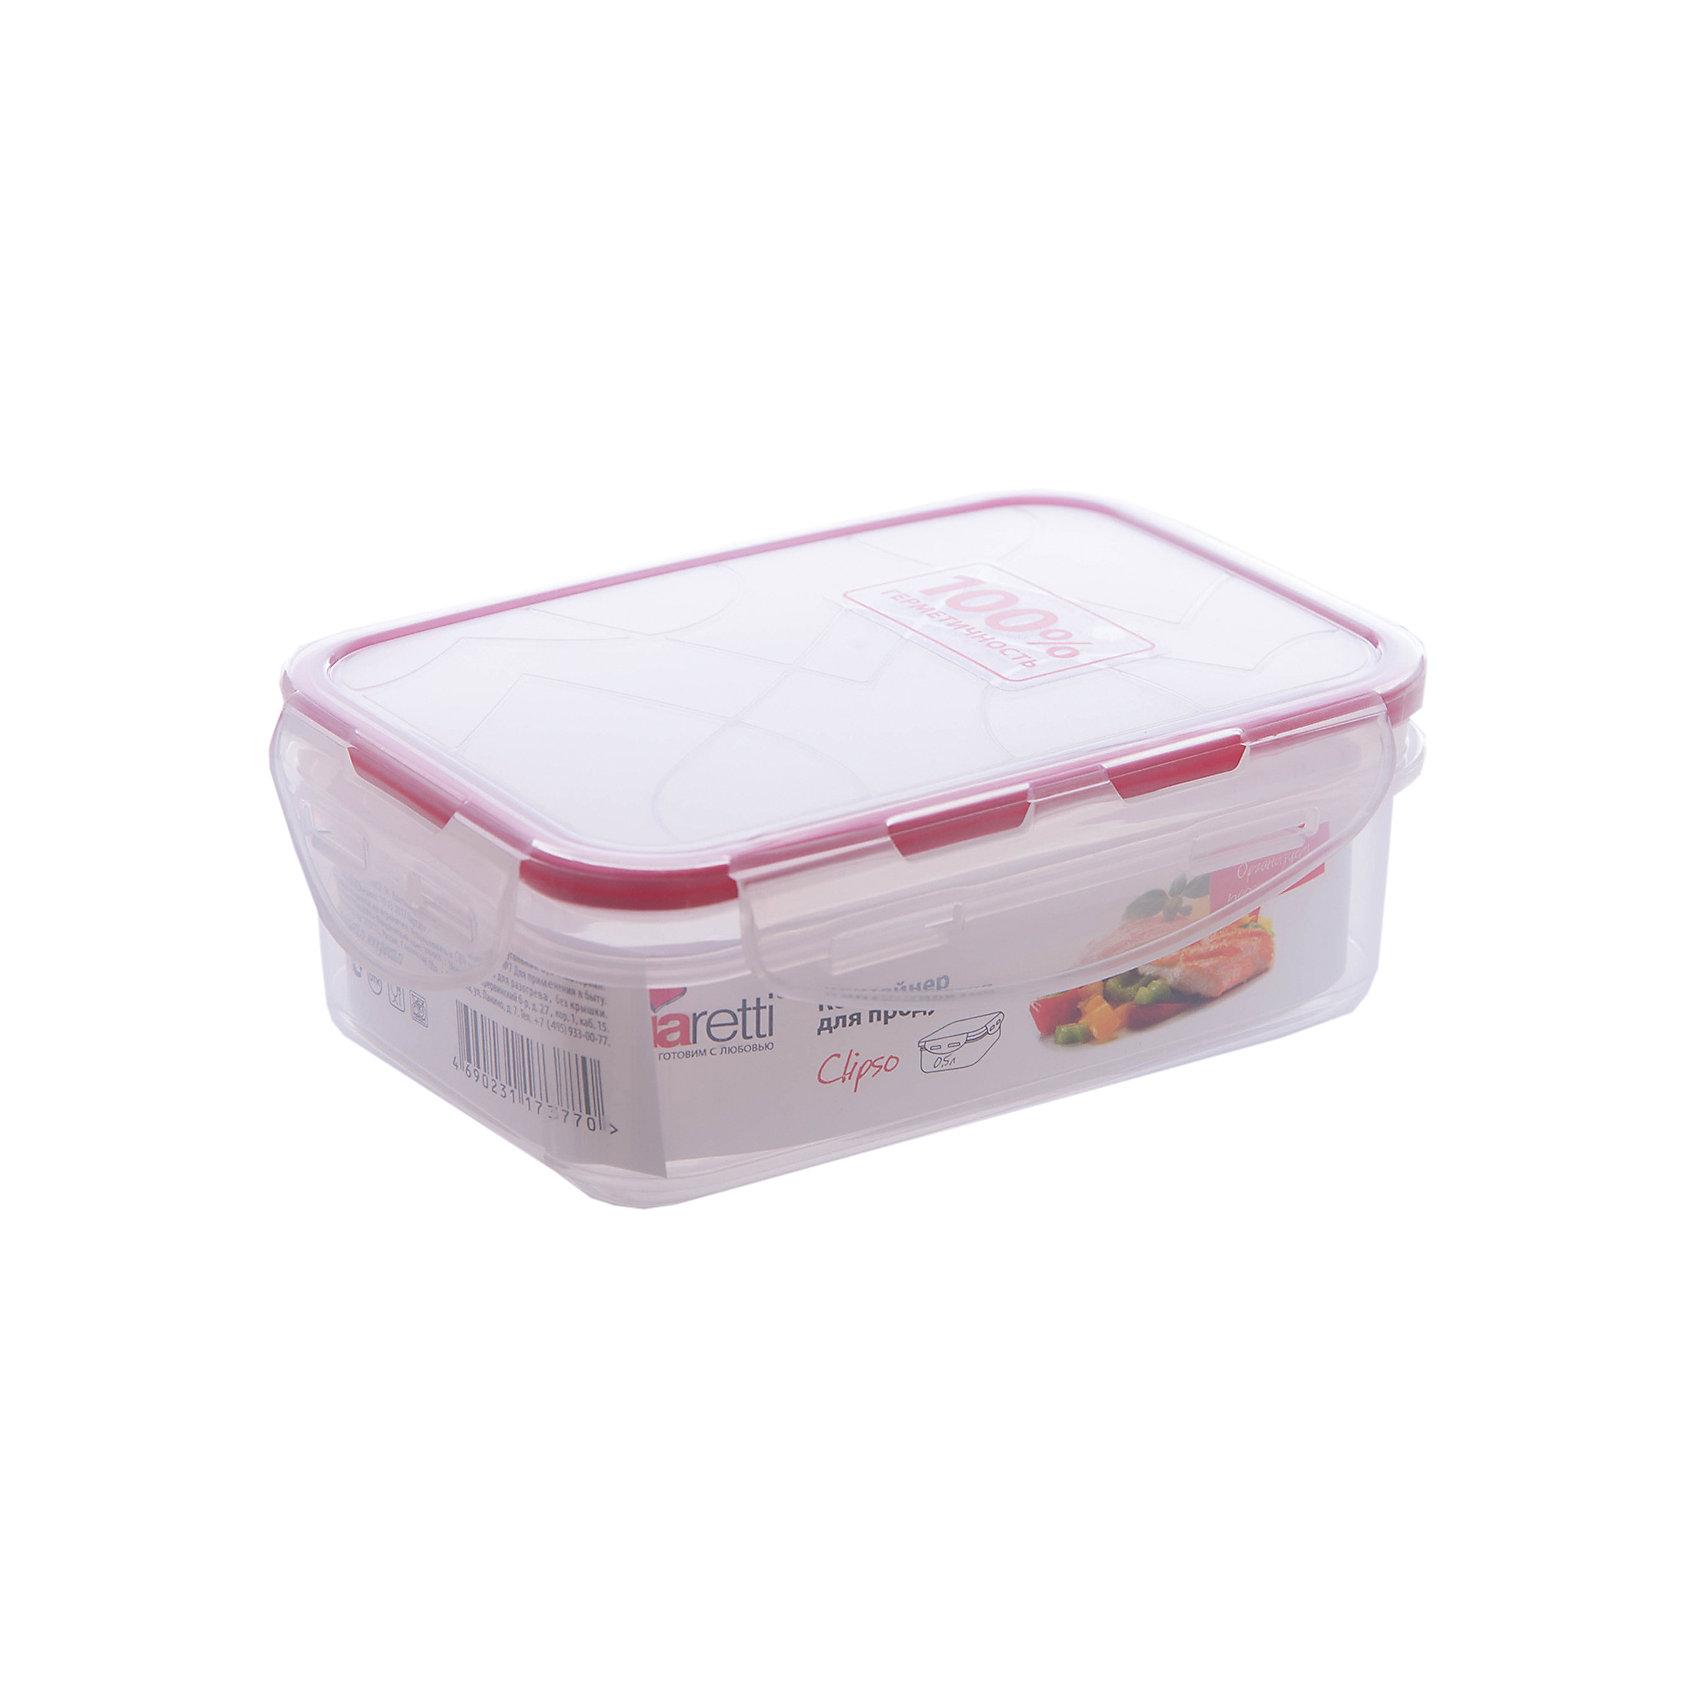 Контейнер для продуктов Clipso прямоугольный 0,5 л, GiarettiБутылки для воды и бутербродницы<br>Контейнер для продуктов Clipso прямоугольный 0,5 л, Giaretti<br><br>Характеристики:<br><br>• материал: пластик<br>• в комплекте: 1 штука<br>• объем: 0,5 литра<br>• воздухонепроницаемая крышка<br>• надёжные замки<br>• можно разогревать в микроволновке<br>• подходит для хранения продуктов в морозилке<br>• вес: 102 г<br>• размер: 15,5х10,5х5,6 см<br><br>Эти герметичные контейнеры удобно использовать как для хранения, так и для транспортировки блюд, ведь благодаря надежным замкам и креплениям, еда упаковывается герметично, без опасения что-то пролить. Воздухонепроницаемая крышка позволяет сохранять свежесть продуктов дольше, а качество пластика - использовать  контейнер как для хранения еды в холодильнике, так и для разогревания в микроволновой печи.<br><br>Контейнер для продуктов Clipso прямоугольный 0,5 л, Giaretti можно купить в нашем интернет-магазине.<br><br>Ширина мм: 155<br>Глубина мм: 105<br>Высота мм: 56<br>Вес г: 102<br>Возраст от месяцев: 216<br>Возраст до месяцев: 1188<br>Пол: Унисекс<br>Возраст: Детский<br>SKU: 5545611